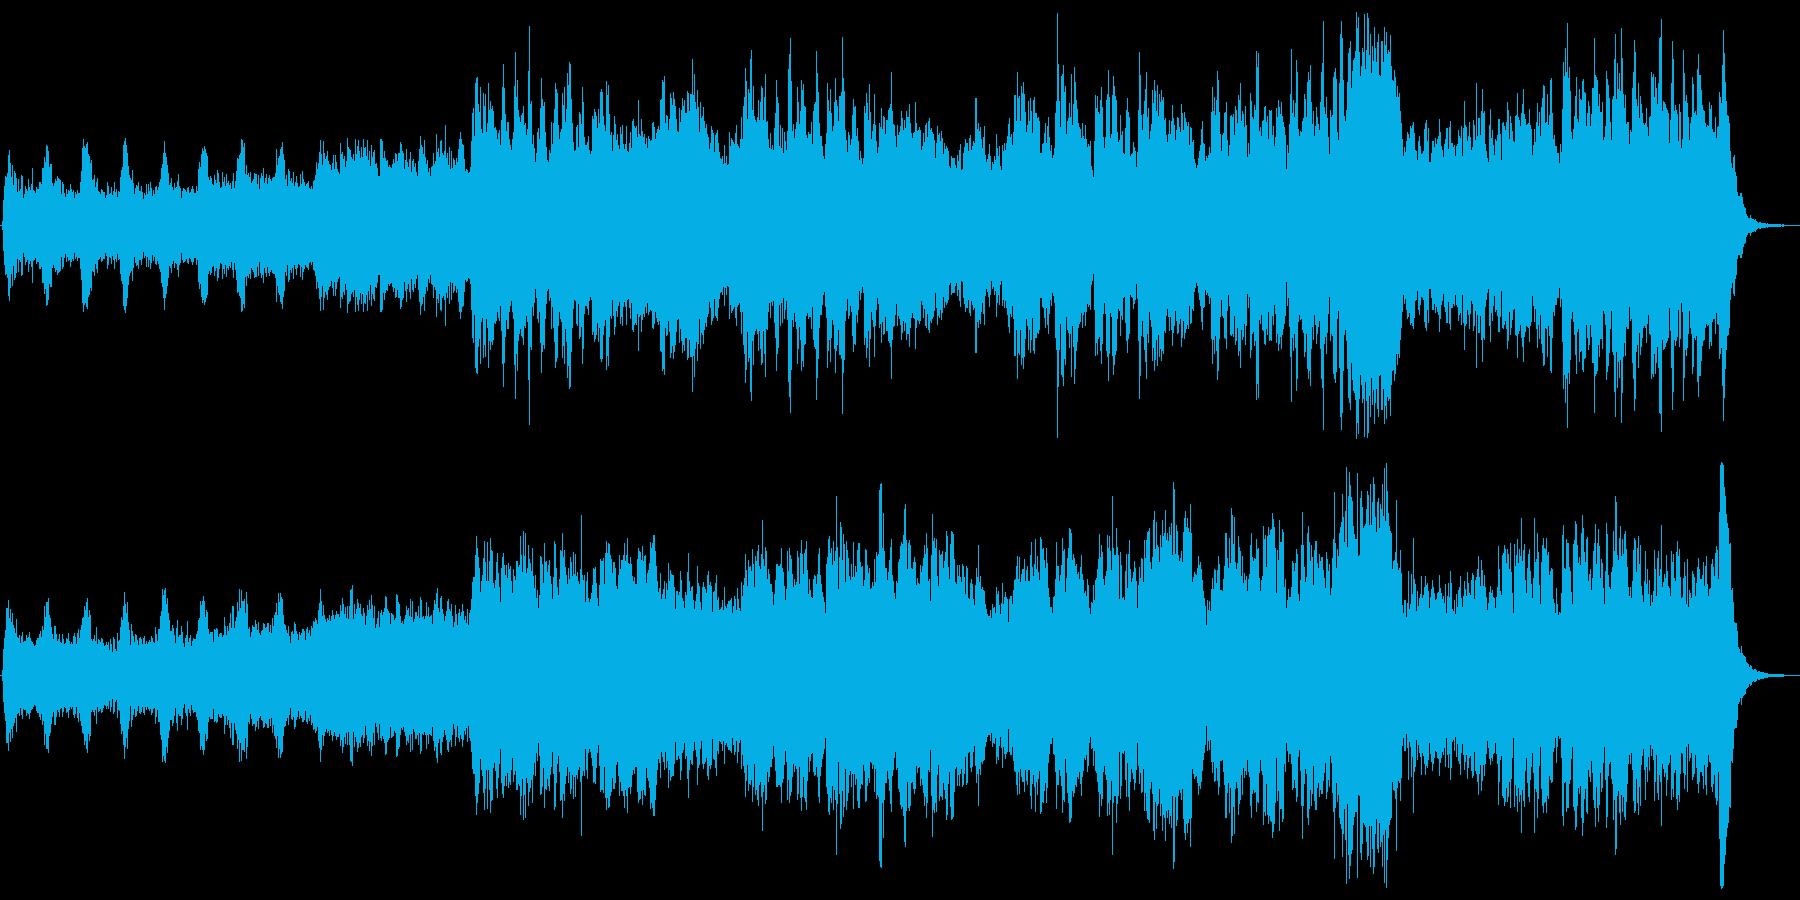 『 ワルキューレの 騎行 』冒頭の再生済みの波形